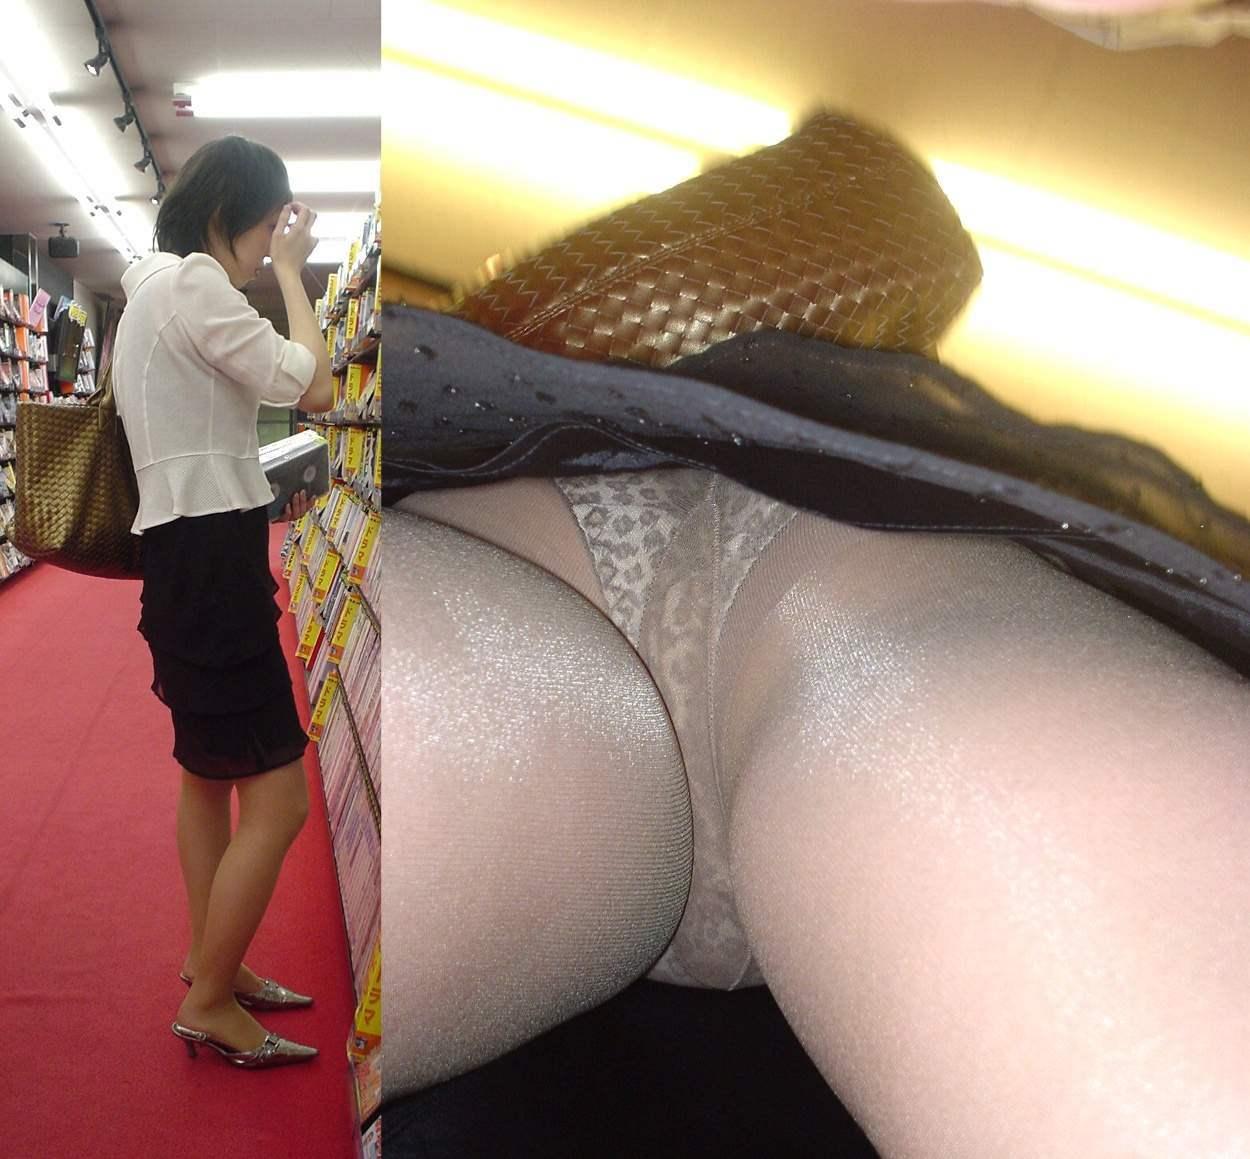 【パンチラエロ画像】スカート長いから大丈夫ってのは思い違いw逆さ撮り師のおパンツ暴きwww 26